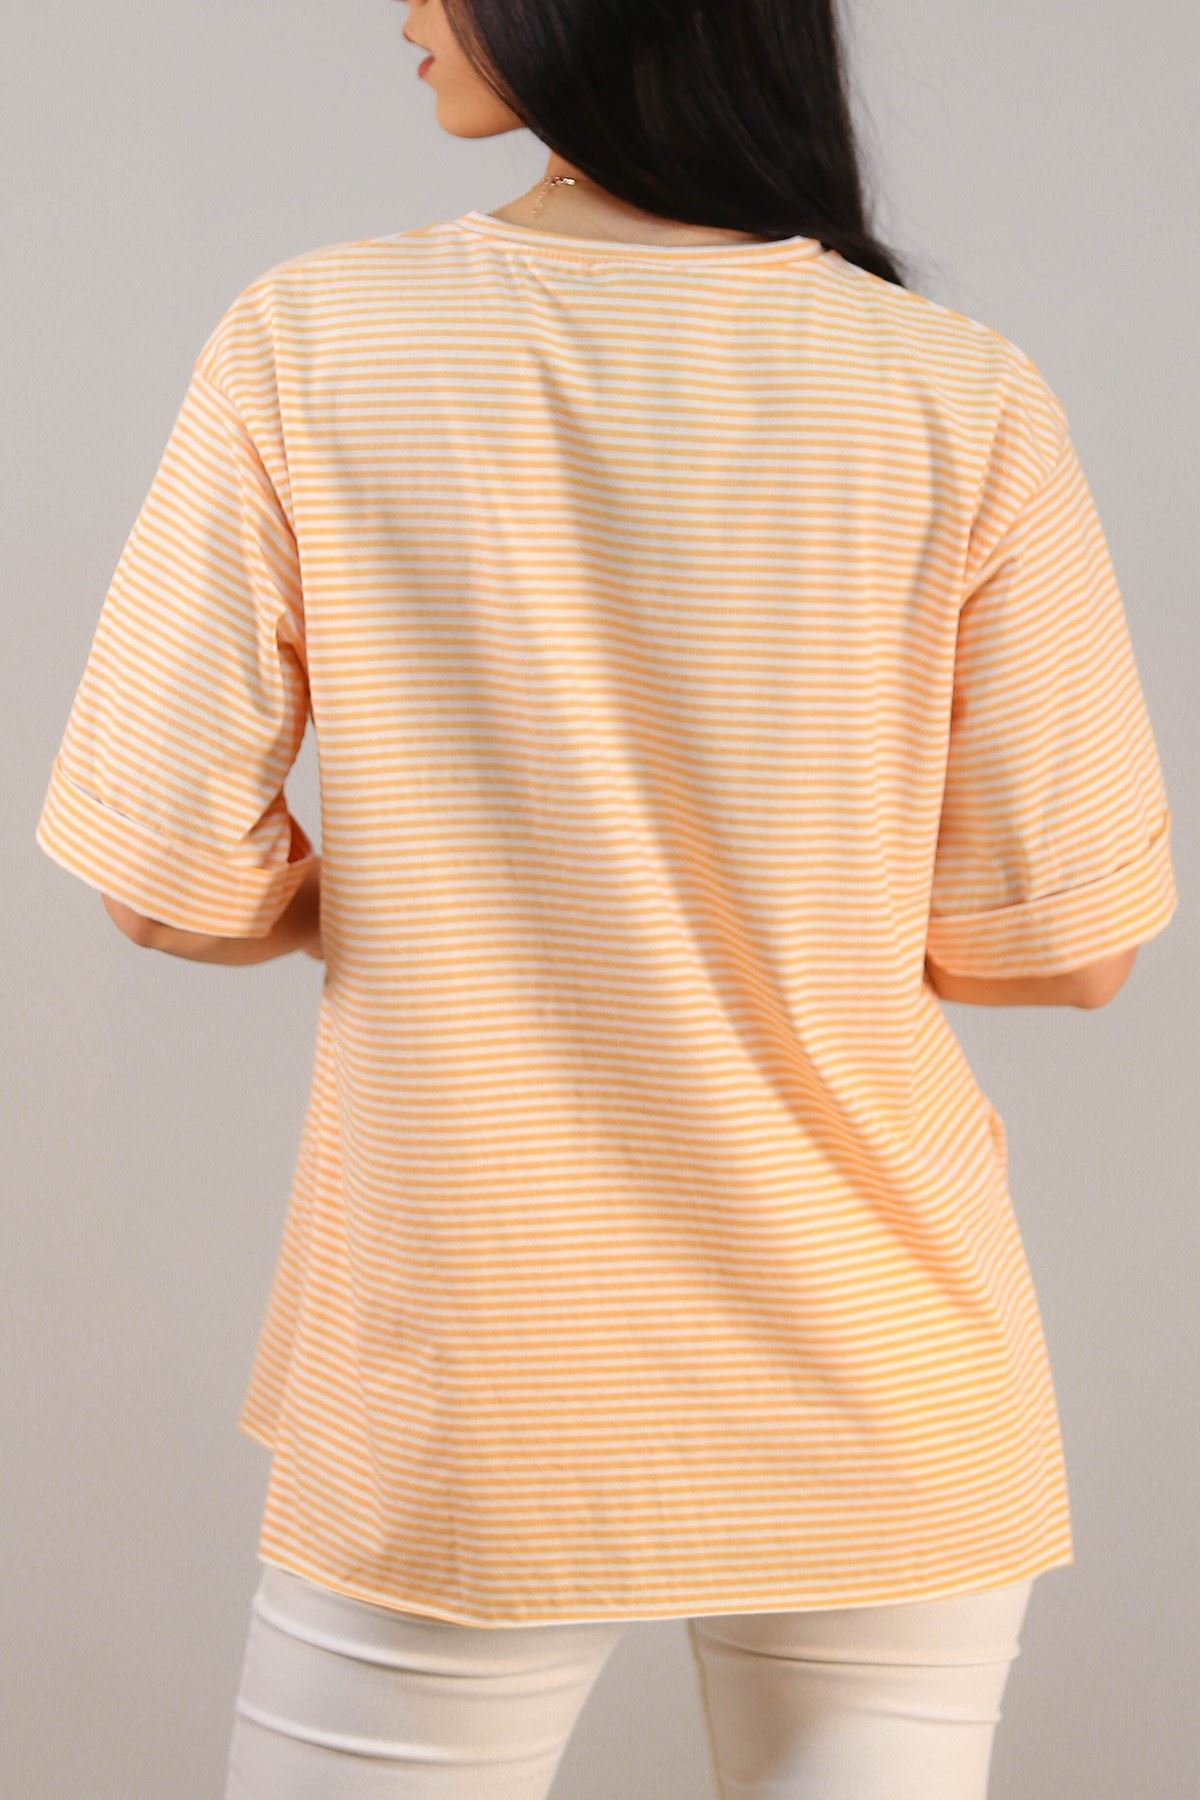 Çizgili Yazılı Tişört Turuncu - 4992.336.